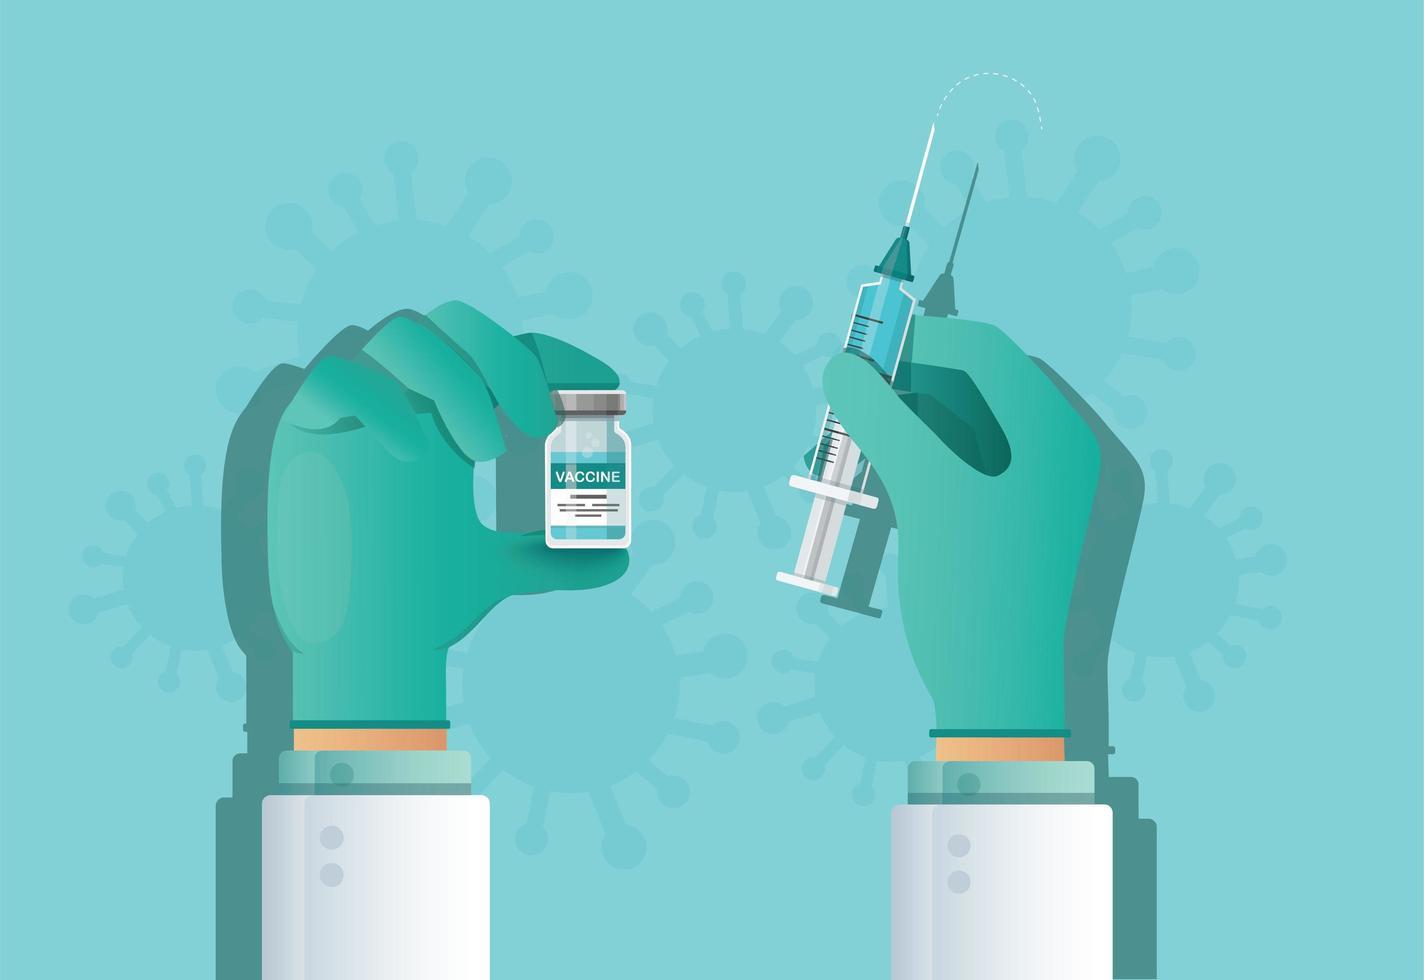 mano che tiene la fiala di vaccino. concetto di vaccinazione. assistenza sanitaria e protezione. illustrazione vettoriale